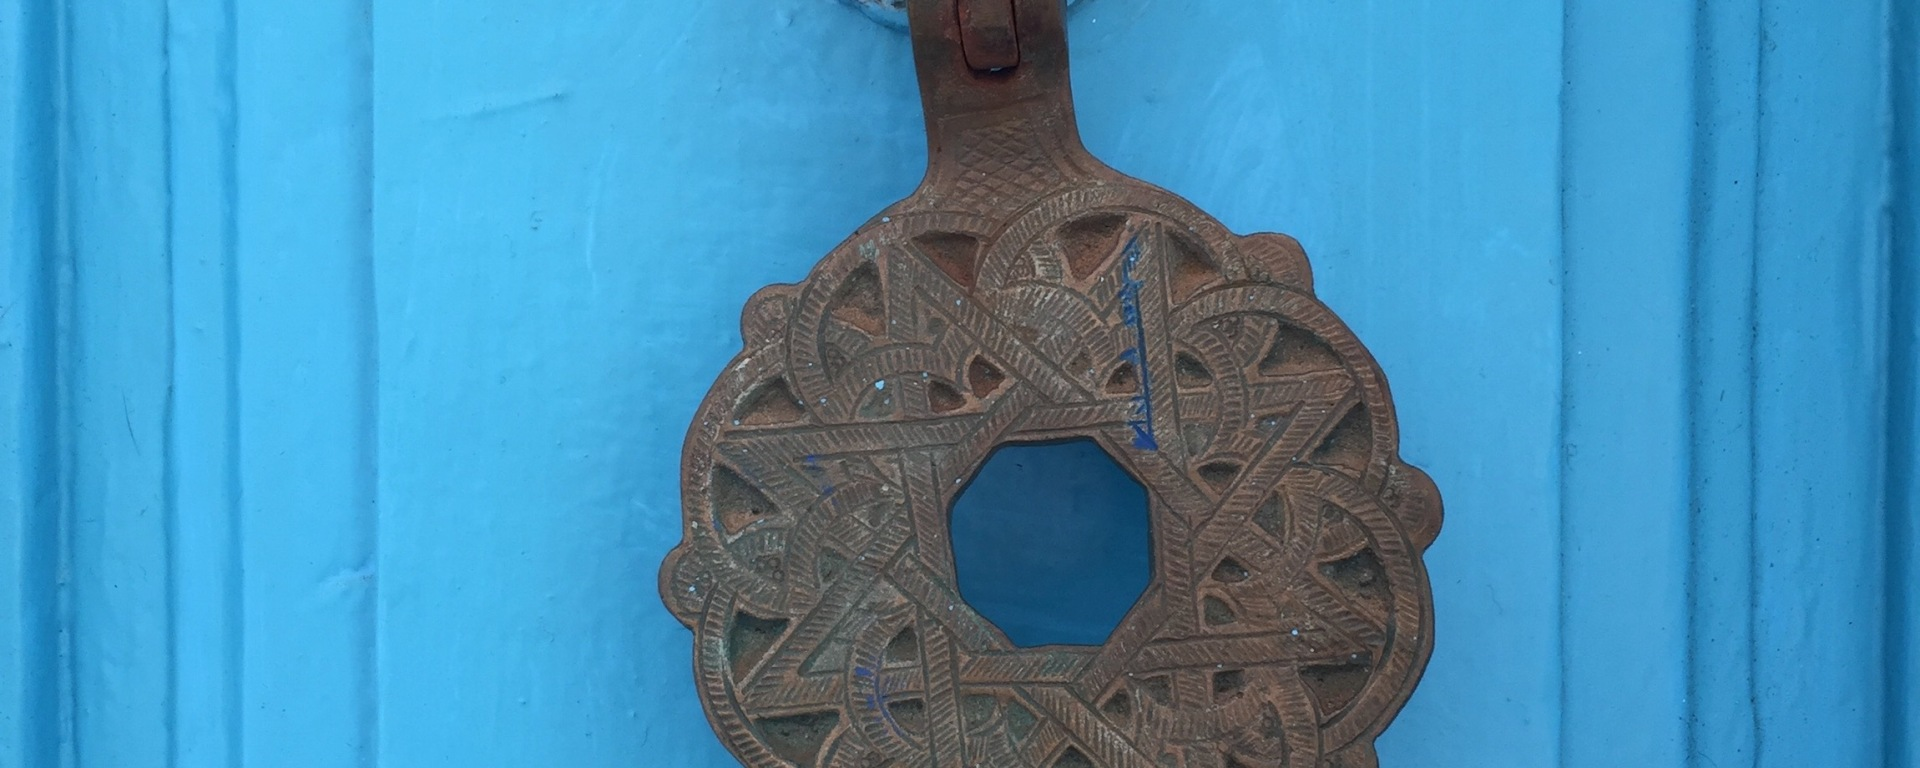 Poignet de porte d'Asilah Maroc